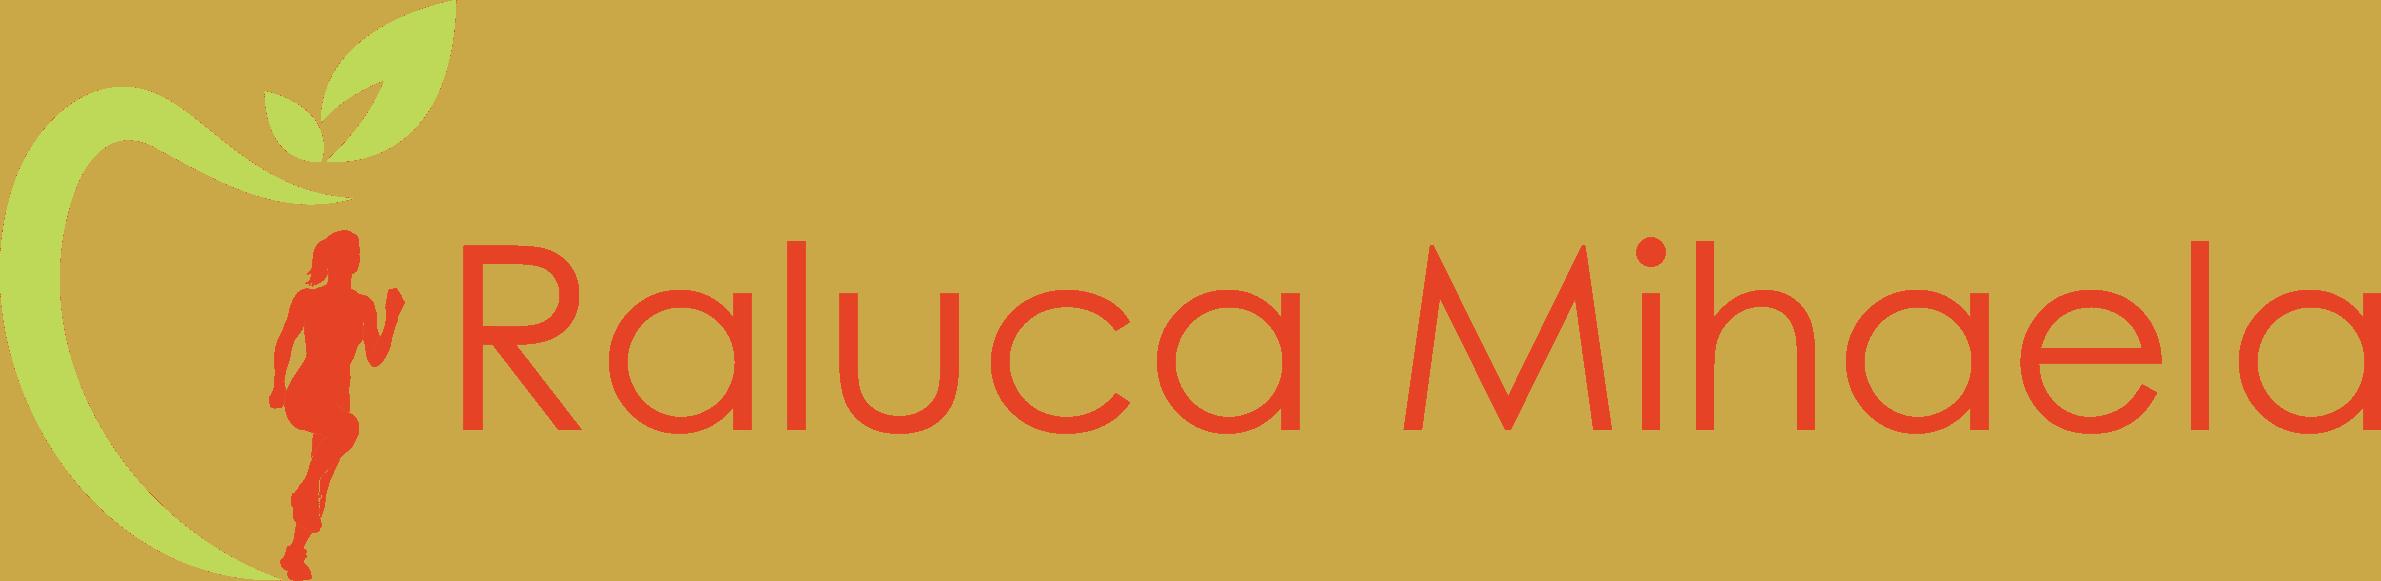 Raluca Mihaela